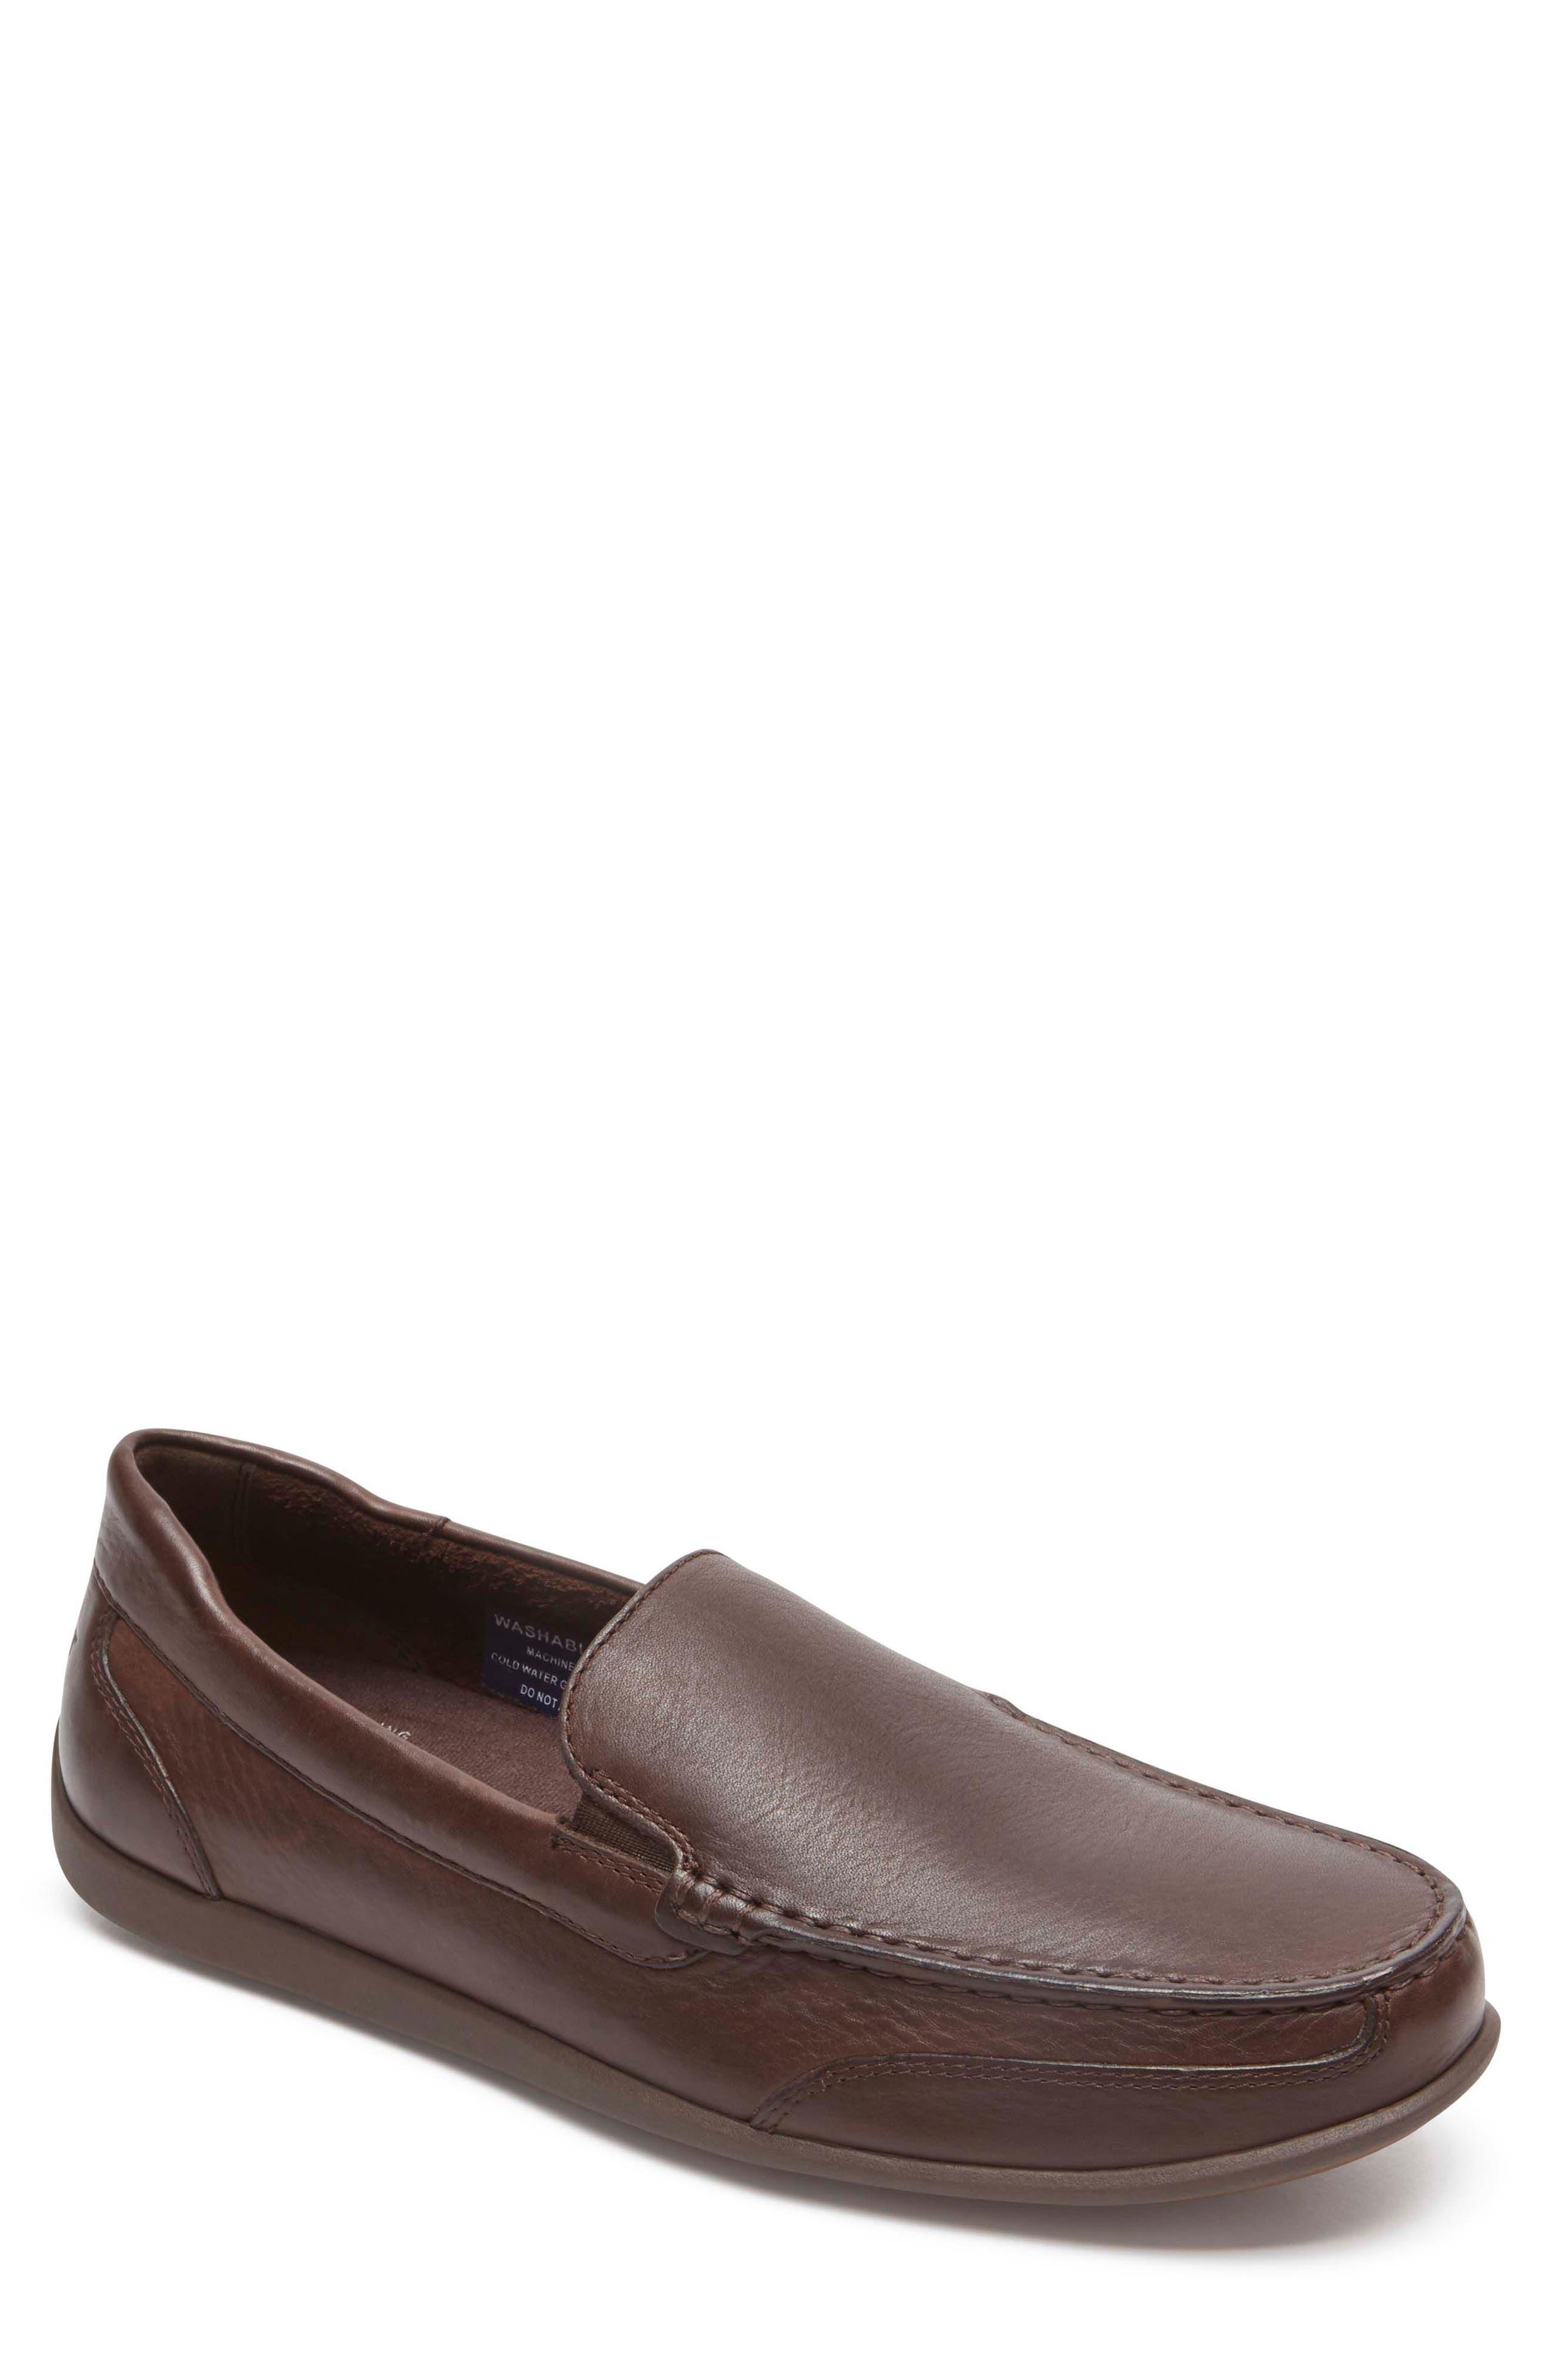 Bennett Lane Slip-On,                             Main thumbnail 1, color,                             Brown Leather